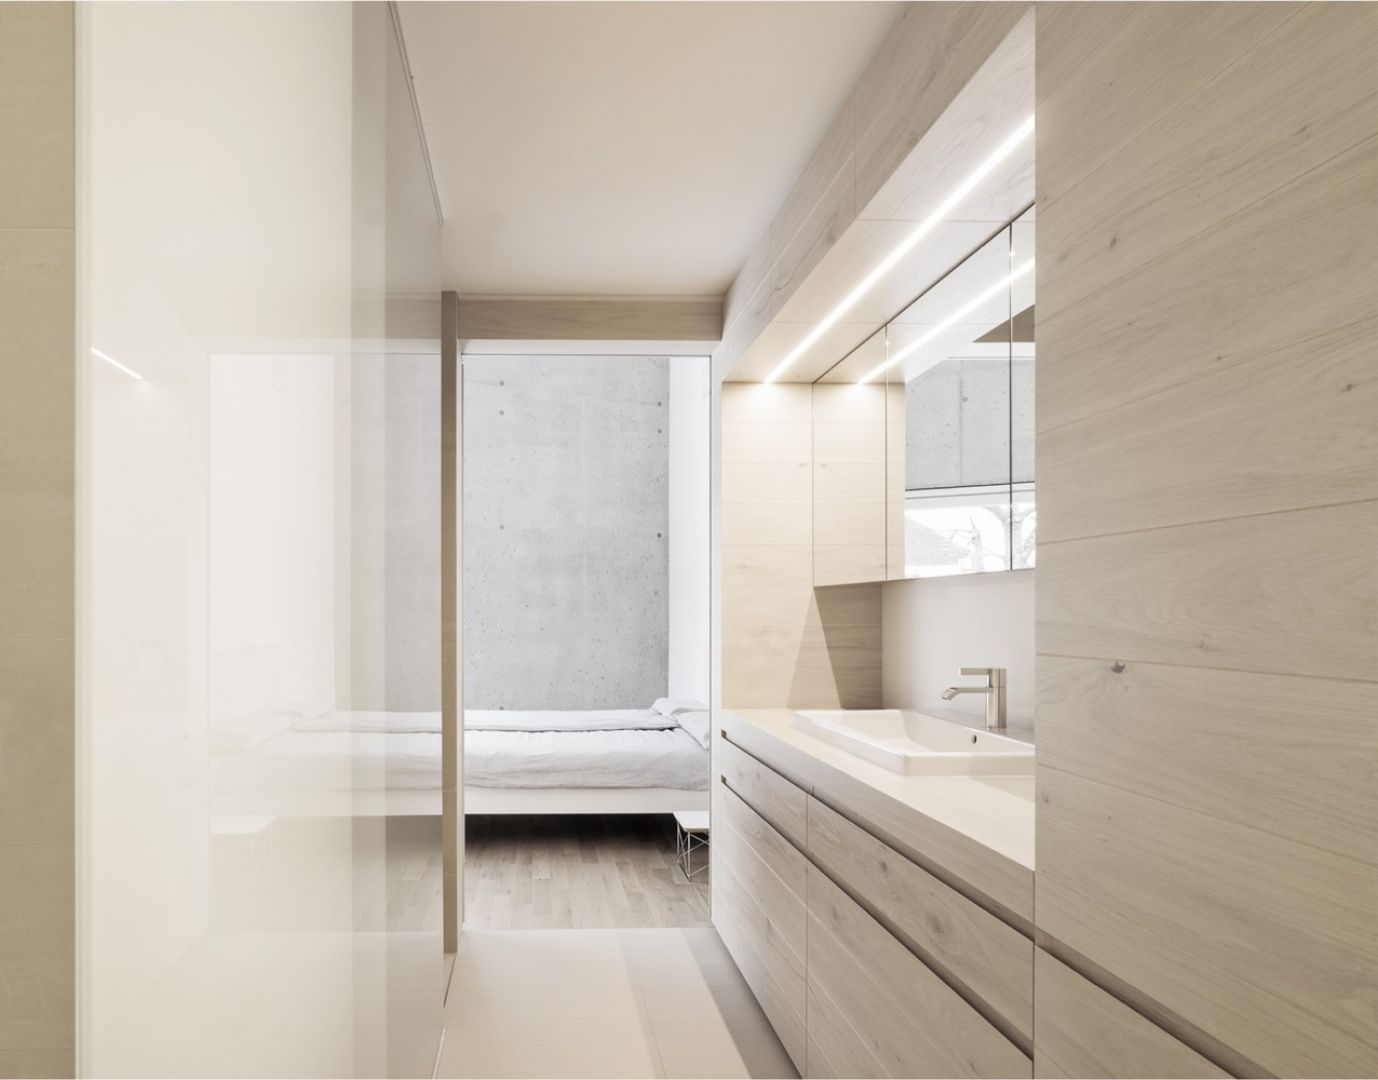 Wnętrza domu zostały zaaranżowane w minimalistycznym stylu. Dominują tu jasne, zimne kolory oraz beton ocieplony drewnianymi meblami. Fot. Brigida González